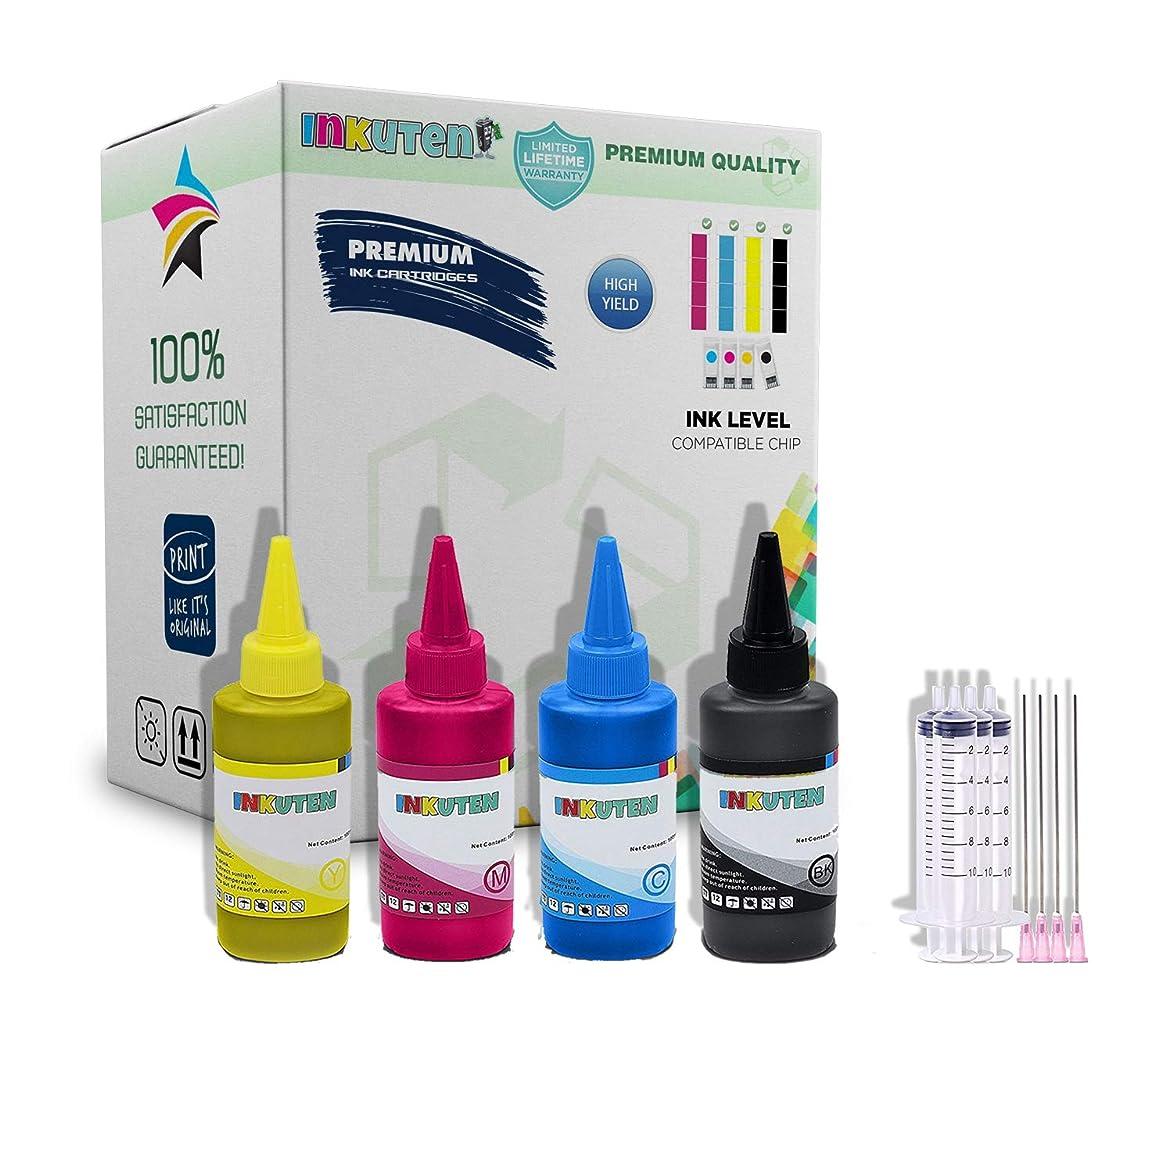 INKUTEN - Sublimation Ink for Refillable Cartridges, CISS/Heat Transfer, 400ml for Stylus: C68, C88, C88+, CX3800, CX3810, CX4200, CX4800, CX5800F, CX7800 Printers